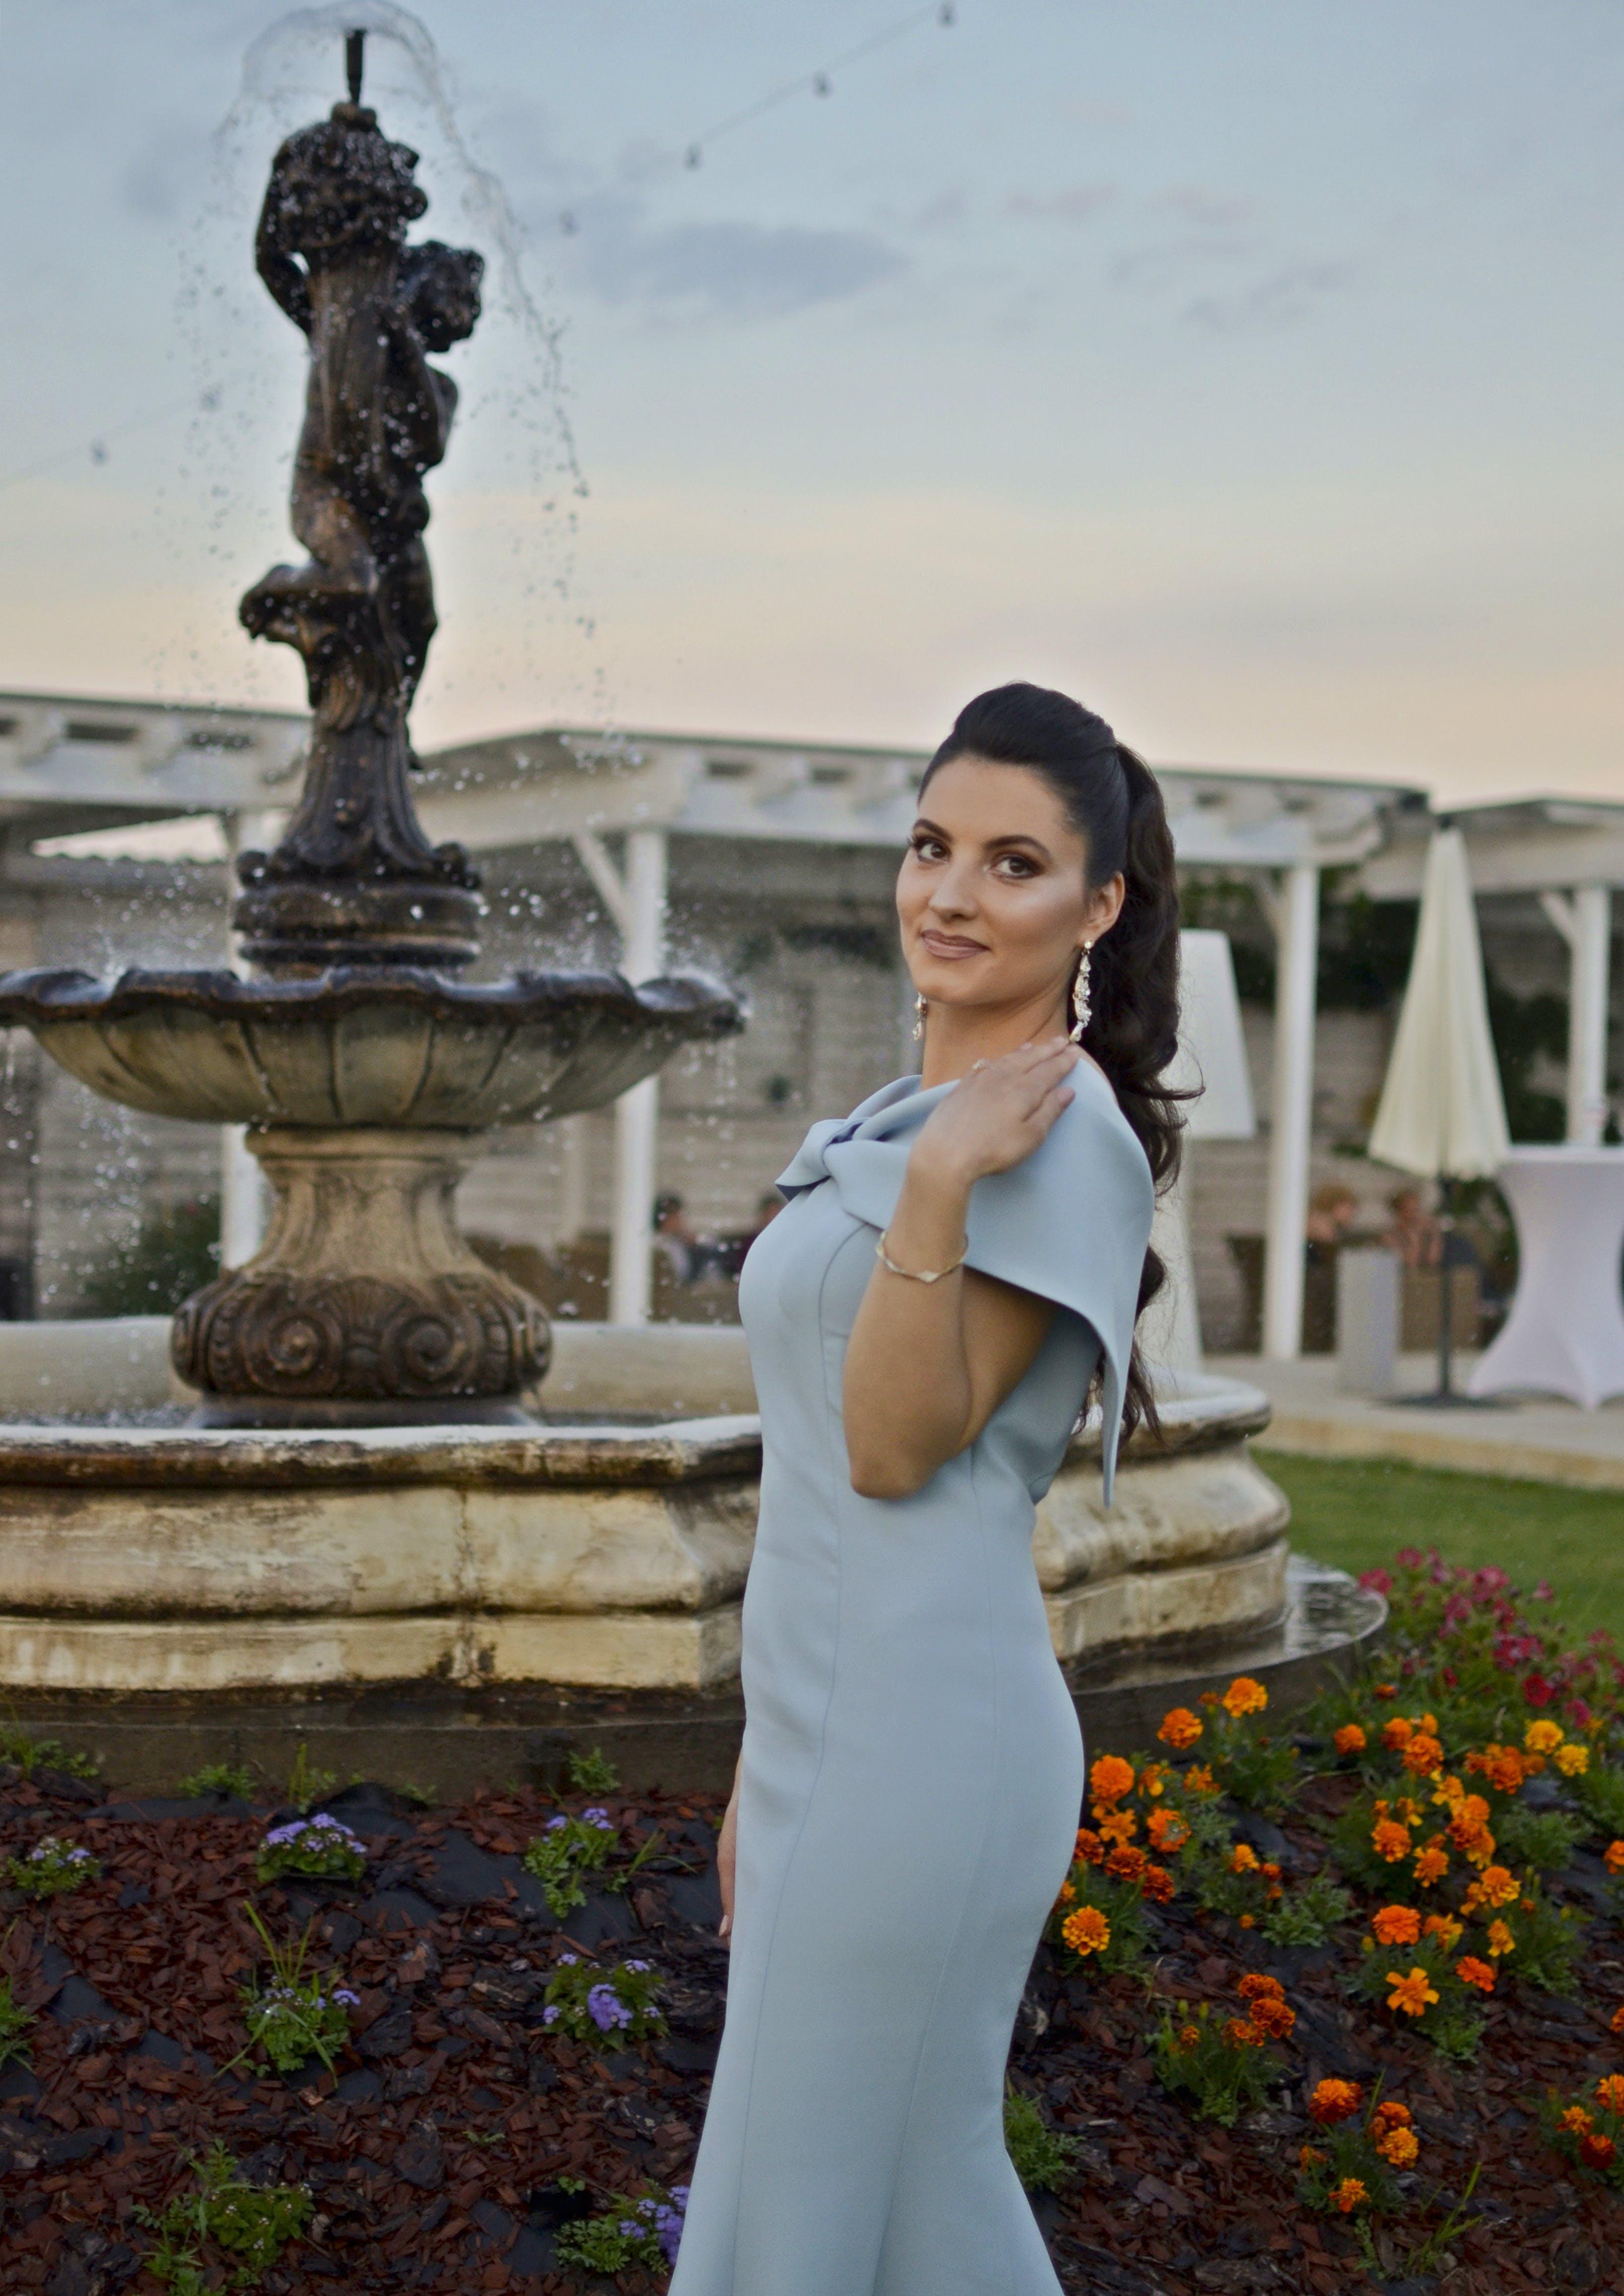 Gratis lagerfoto af blå kjole, blomster, fejring, kvinde